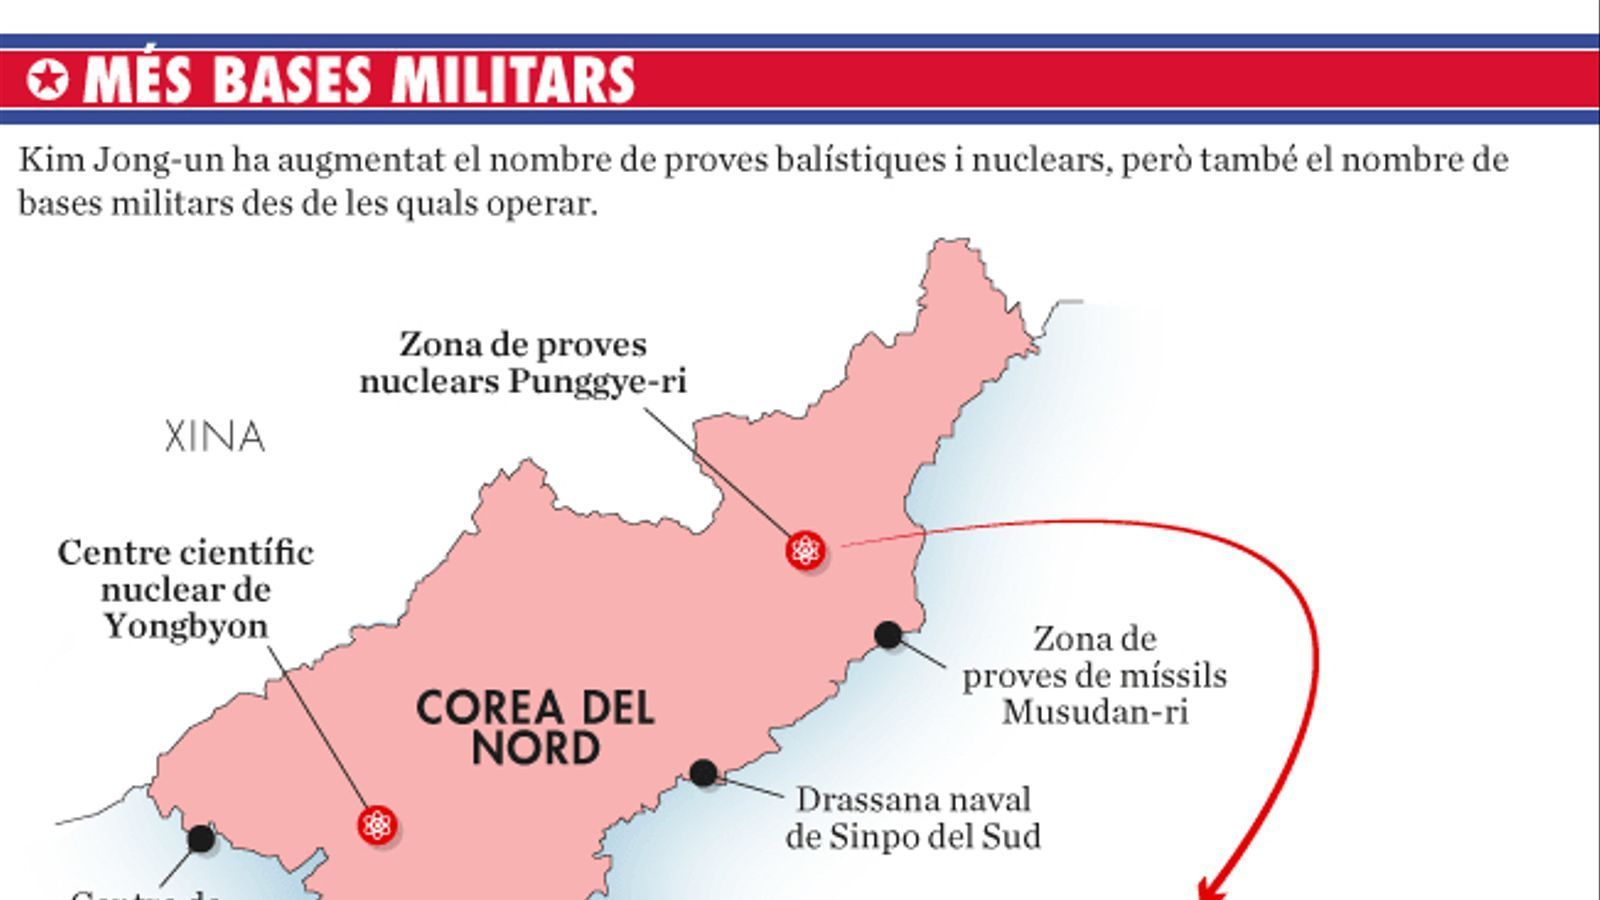 L'arsenal de Kim